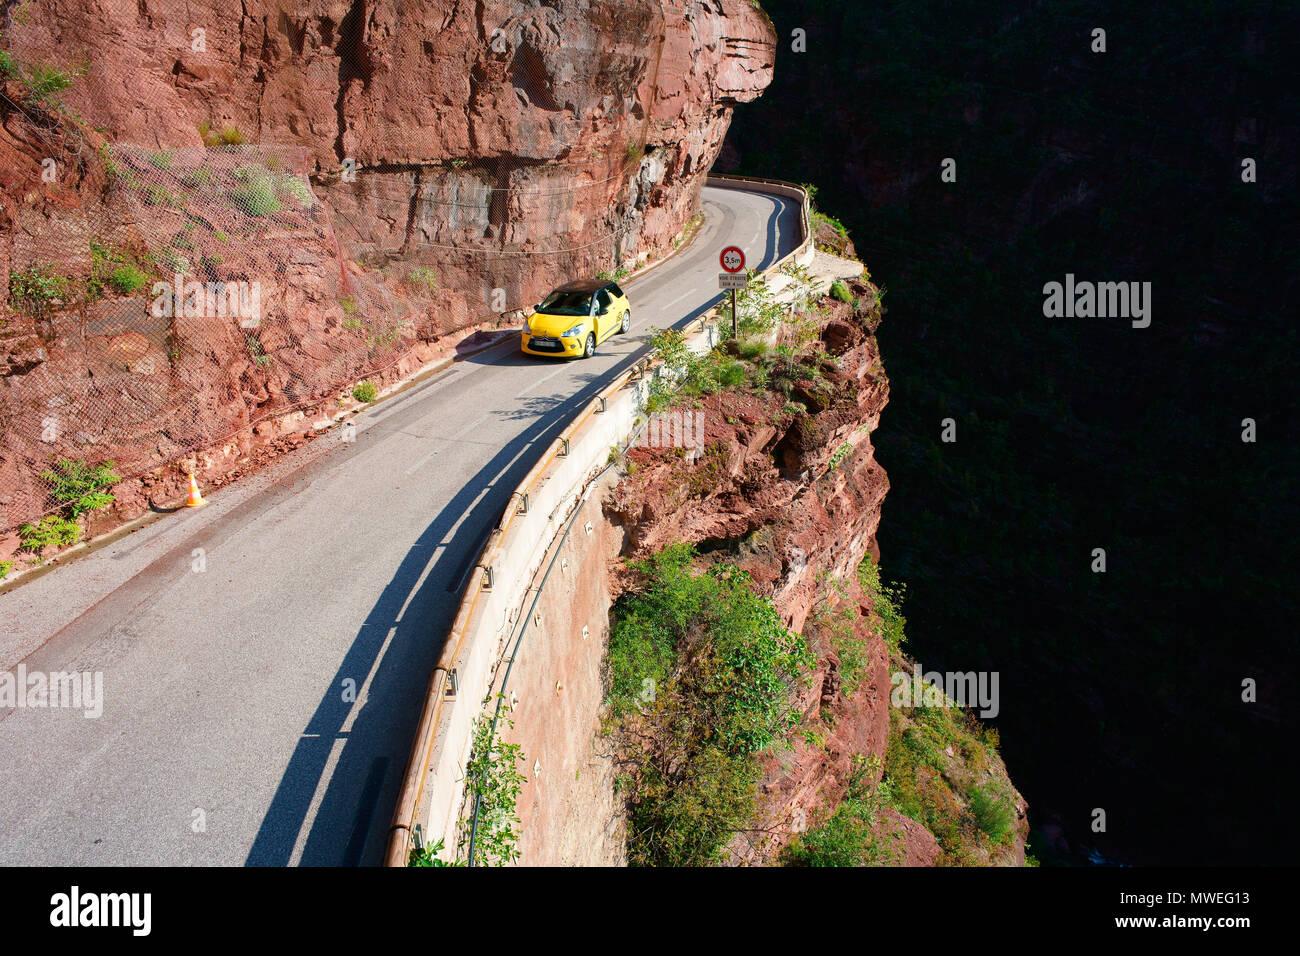 Sport Auto auf einer schmalen Straße in einer tiefen Schlucht (luftaufnahme von einem 6 Meter hohen Mast). Gorges du Cians, Hinterland der französischen Riviera, Frankreich. Stockbild